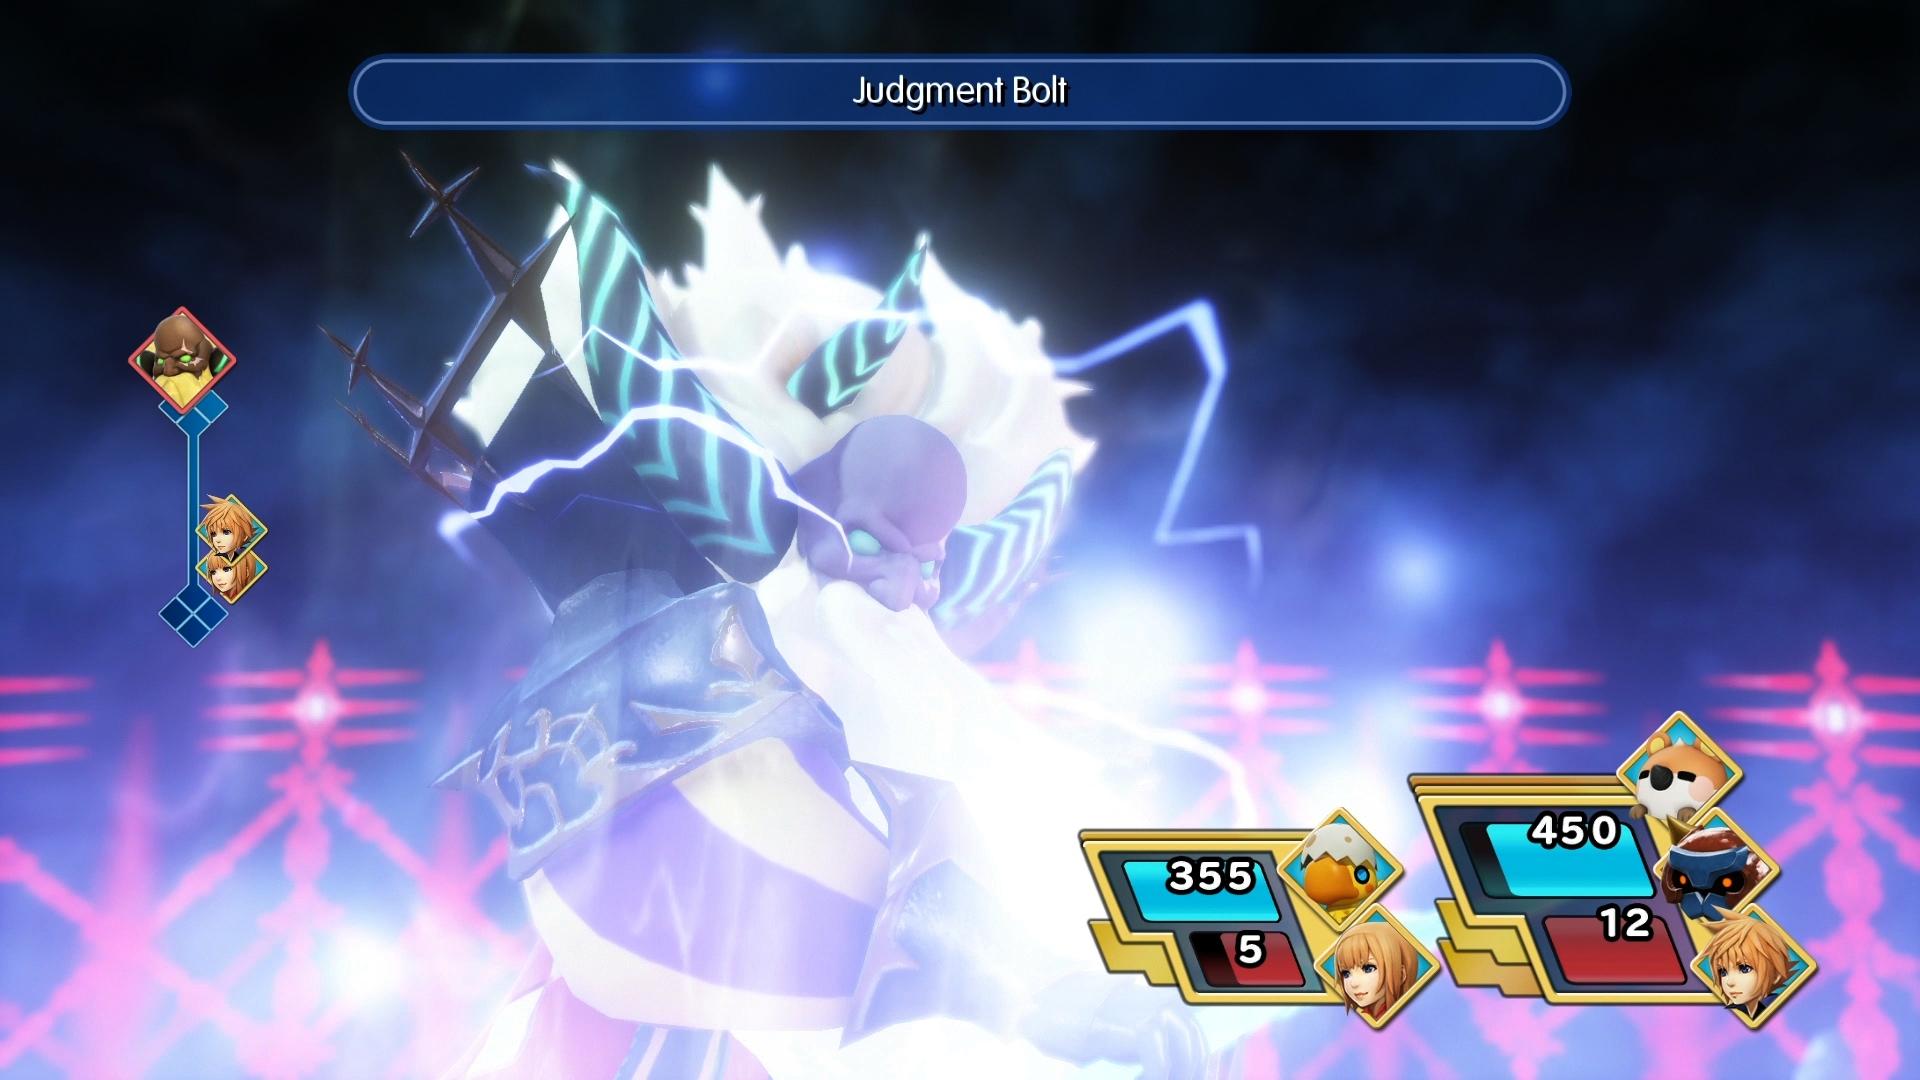 World of Final Fantasy vypadá na obrázcích pohádkově 130367